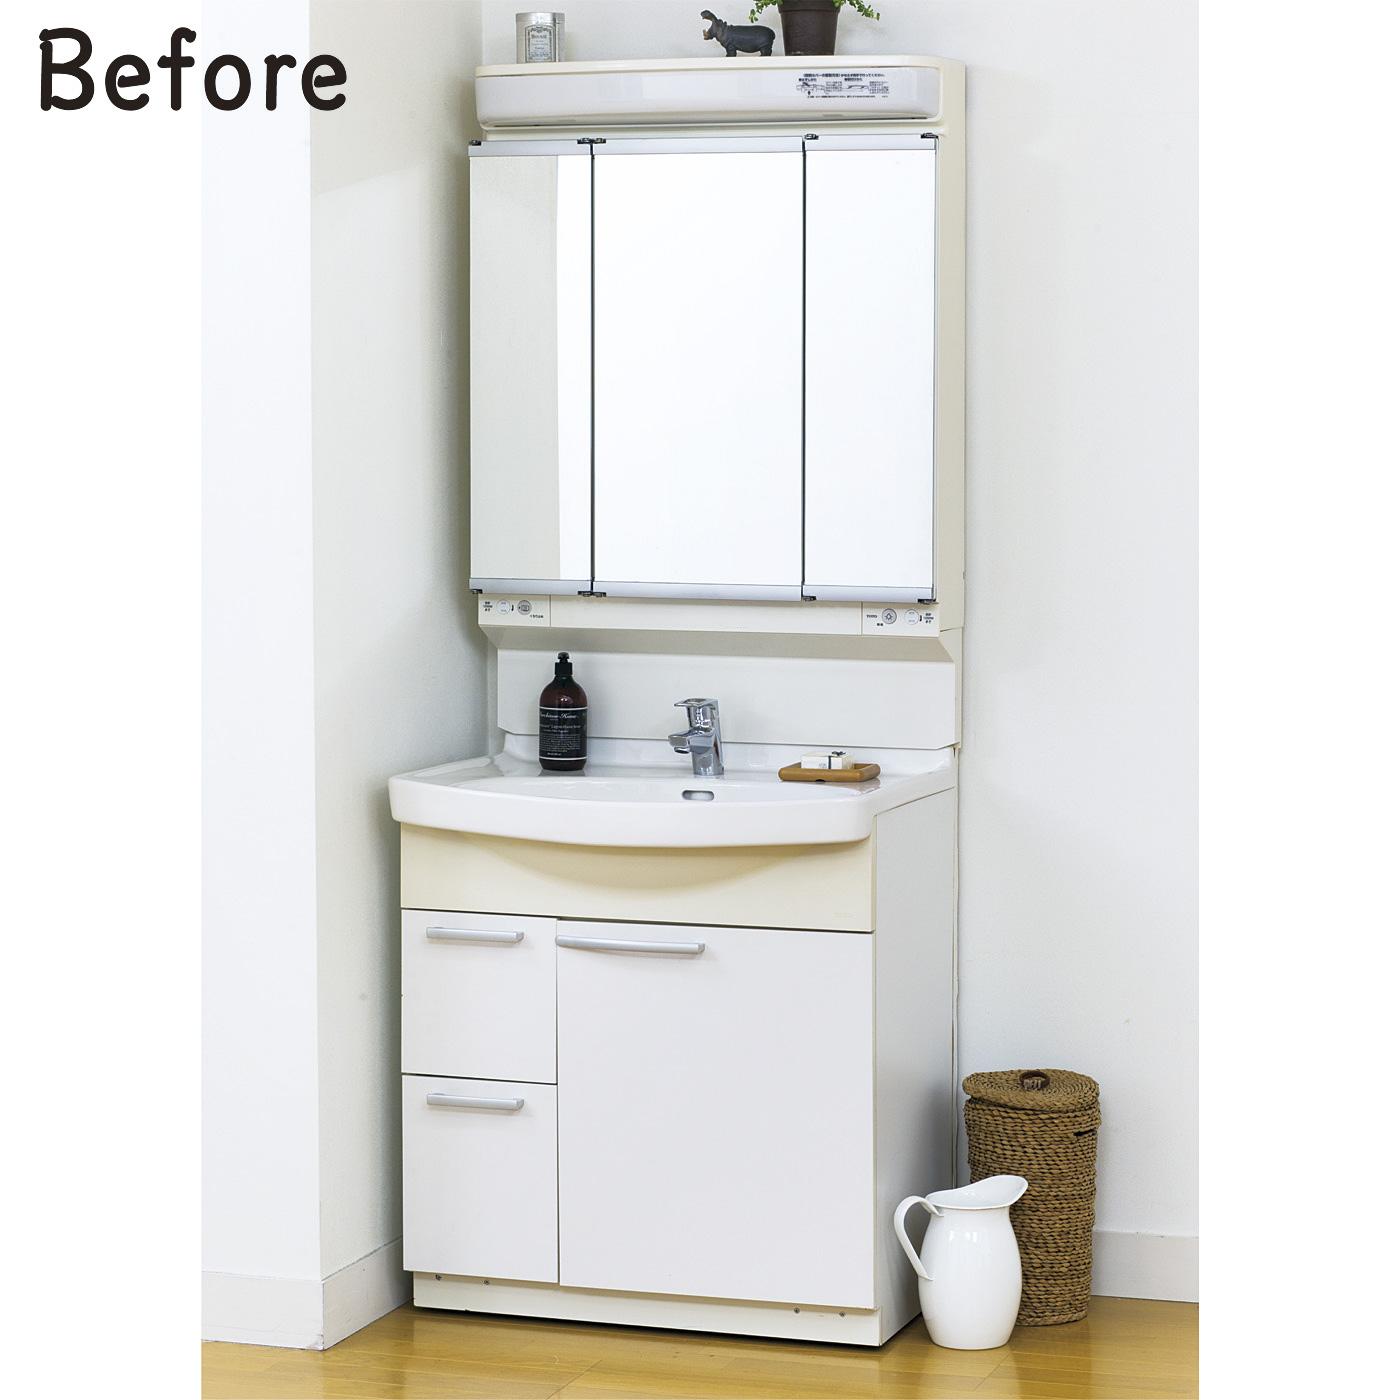 変色と鏡のふちの腐食が気になる、ユニット形洗面台。